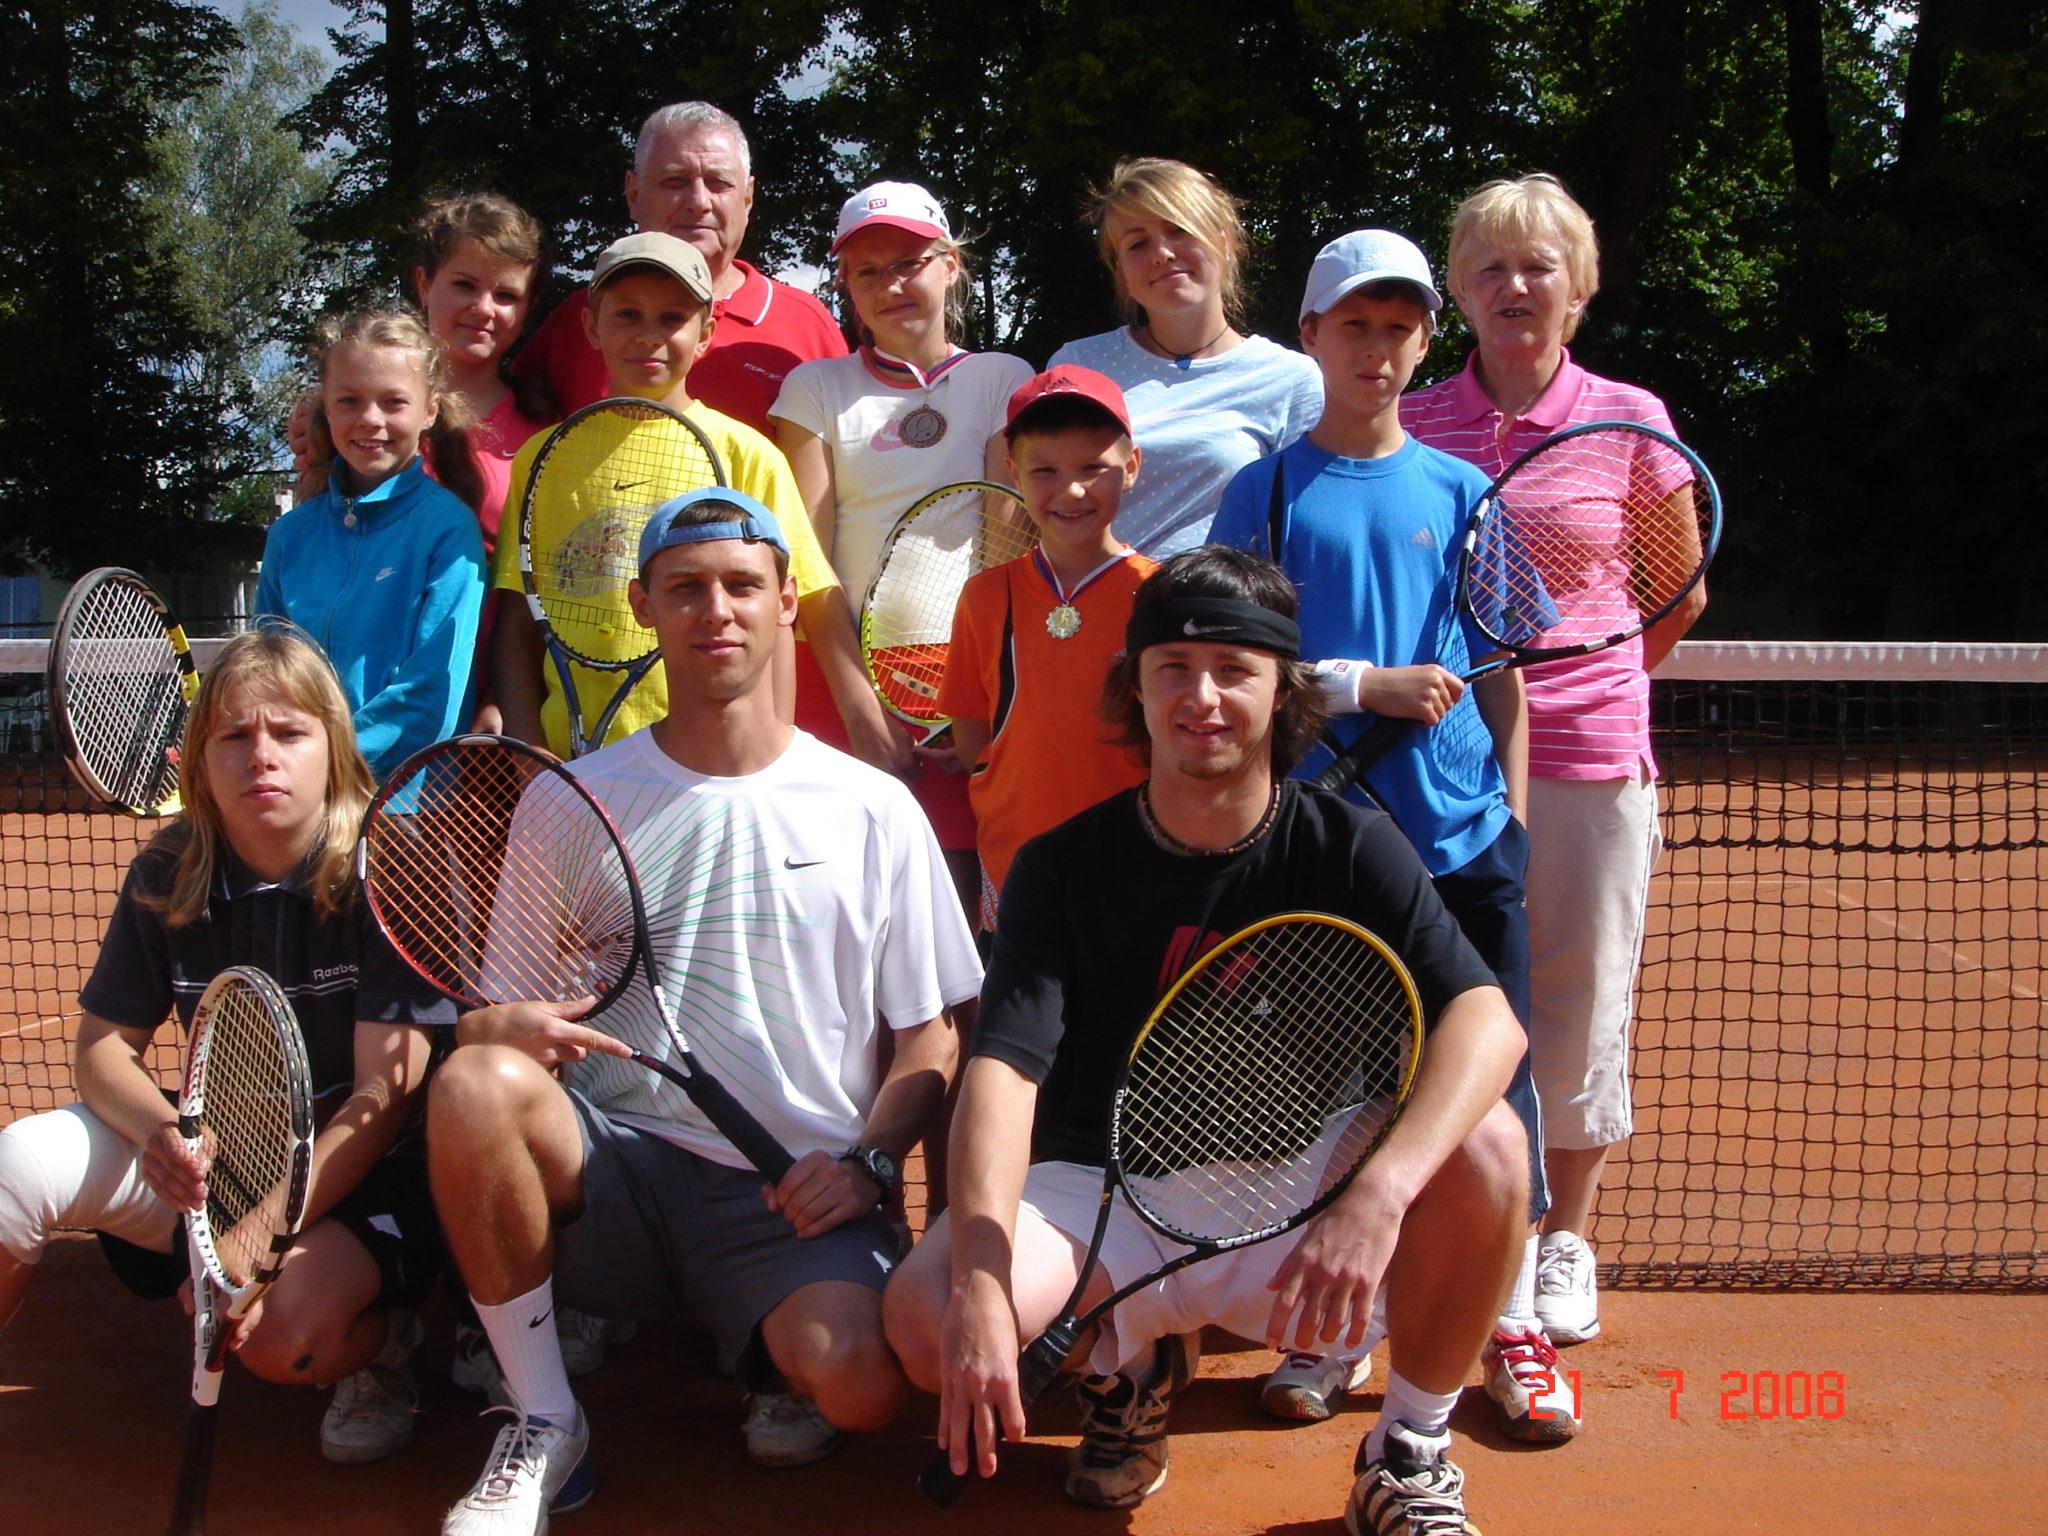 Летний детский теннисный лагерь в Праге